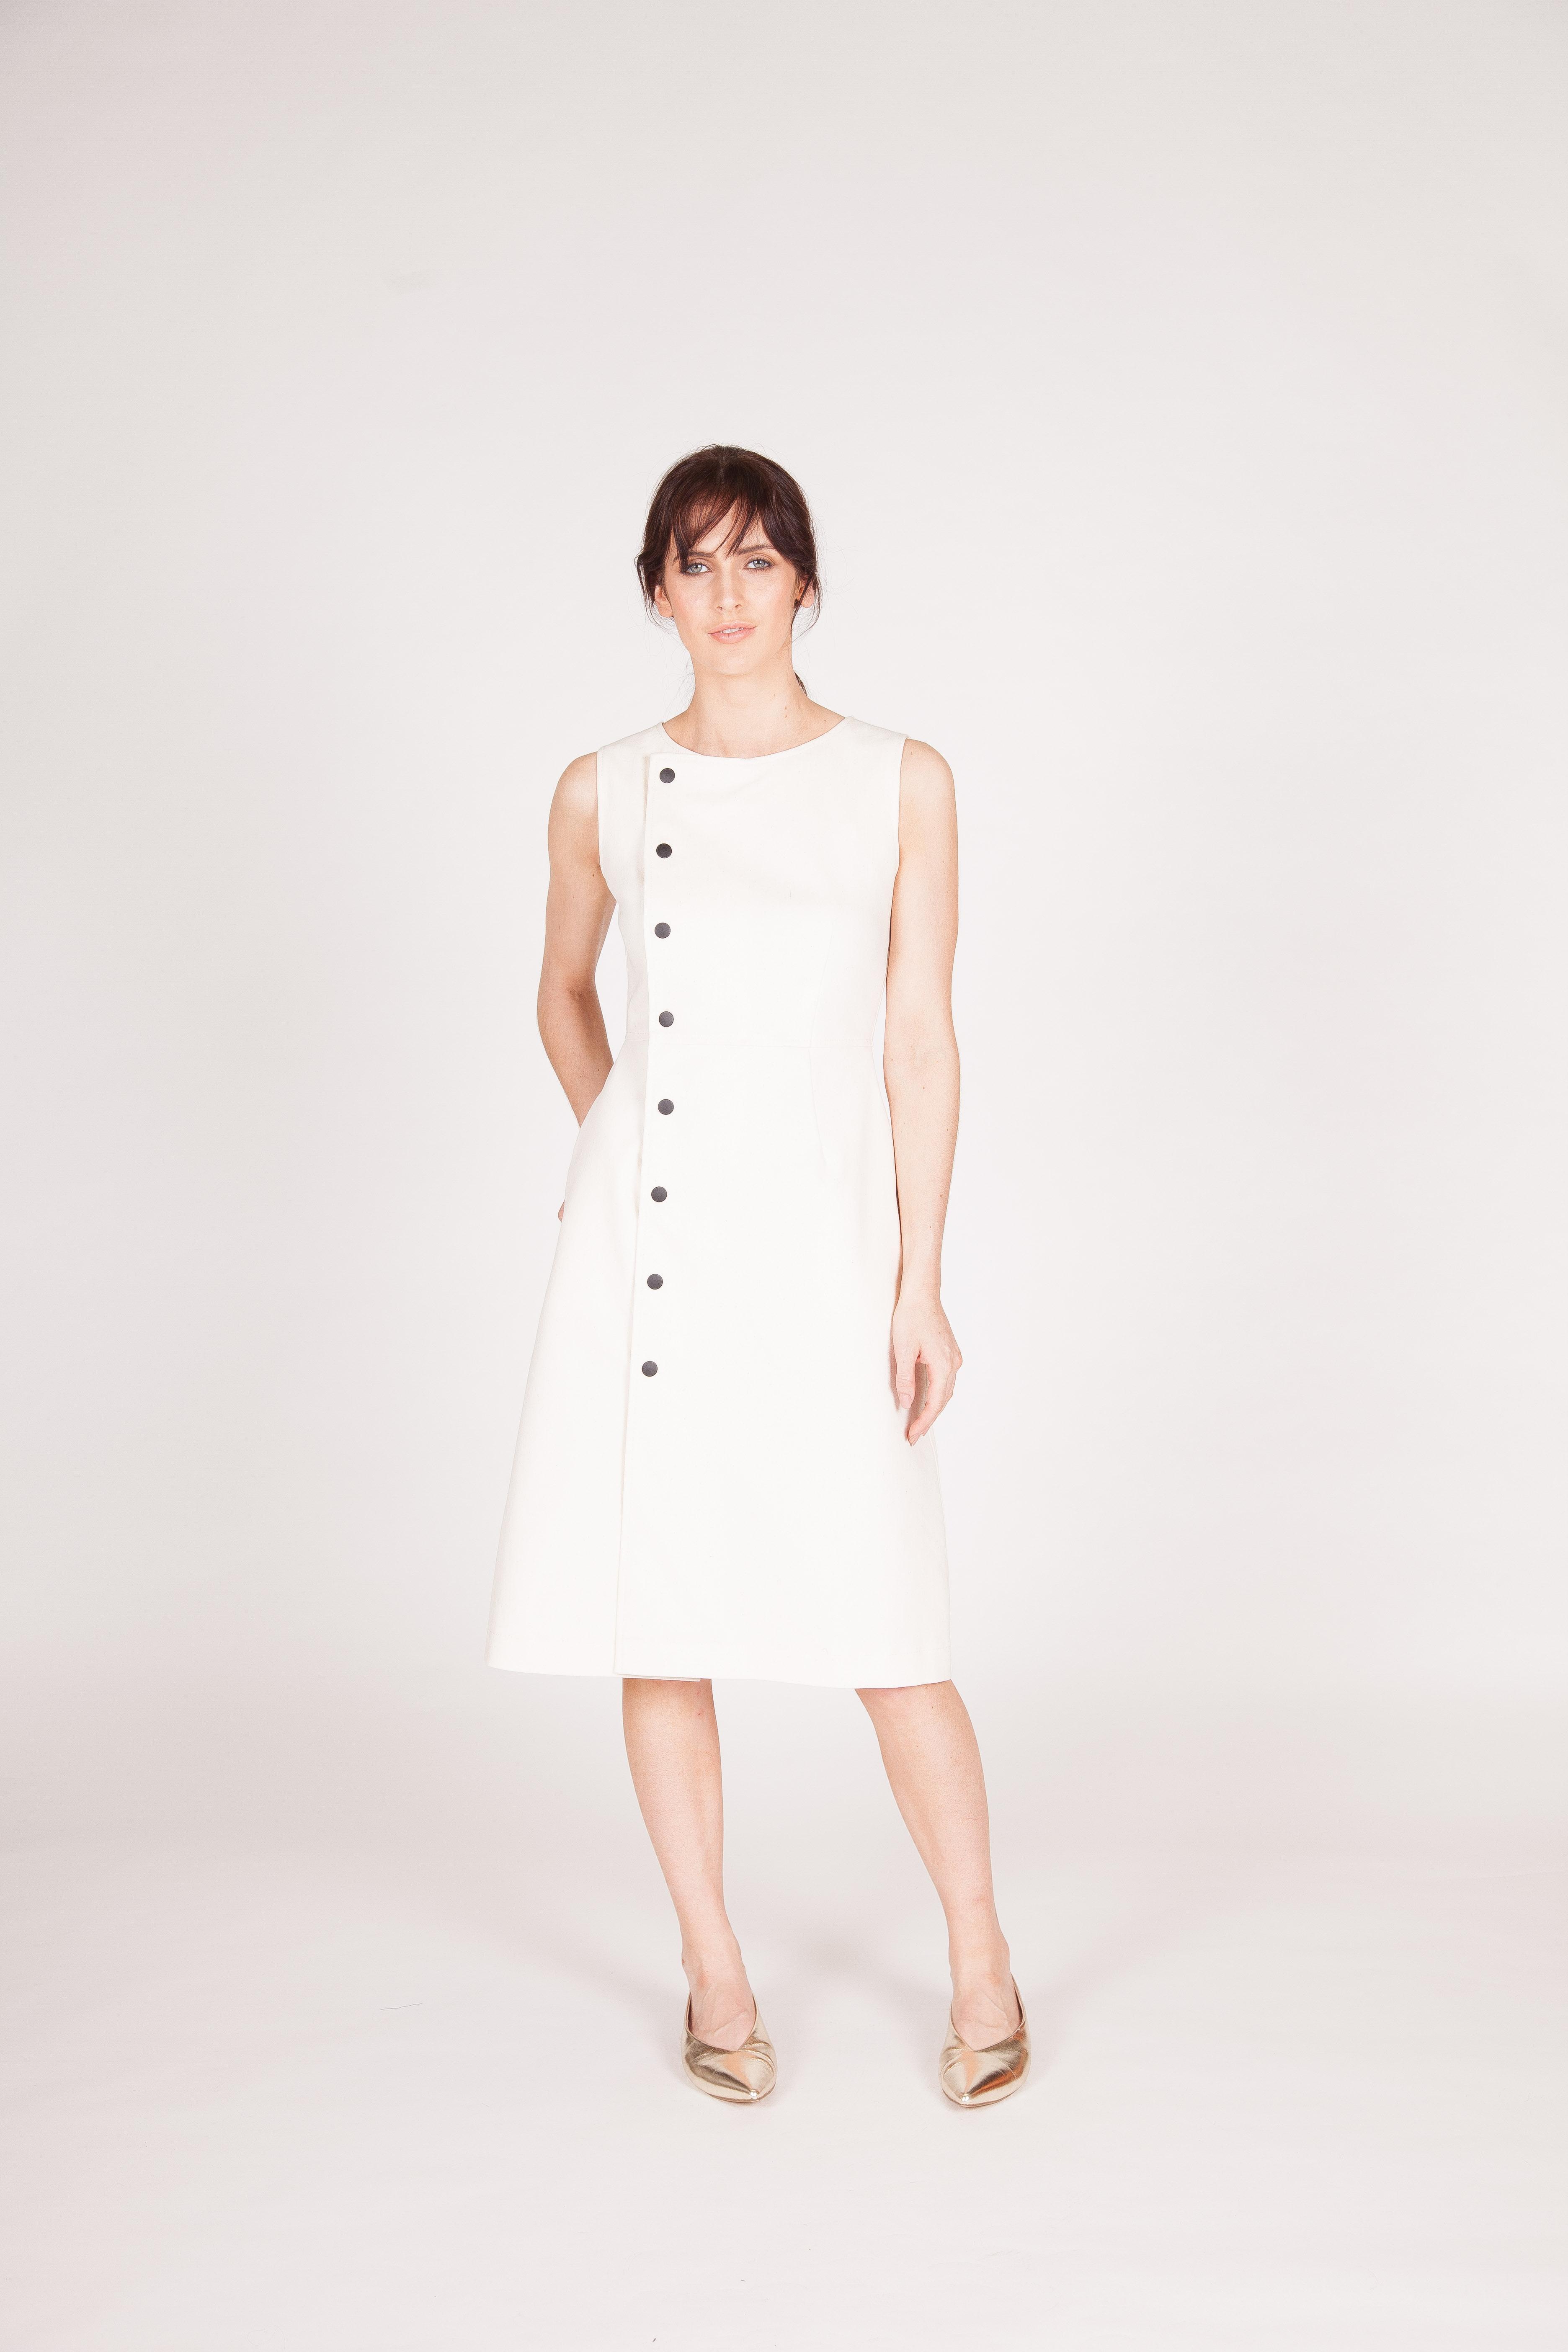 Wilson Trollope Les Parisiennes_Mariette Dress